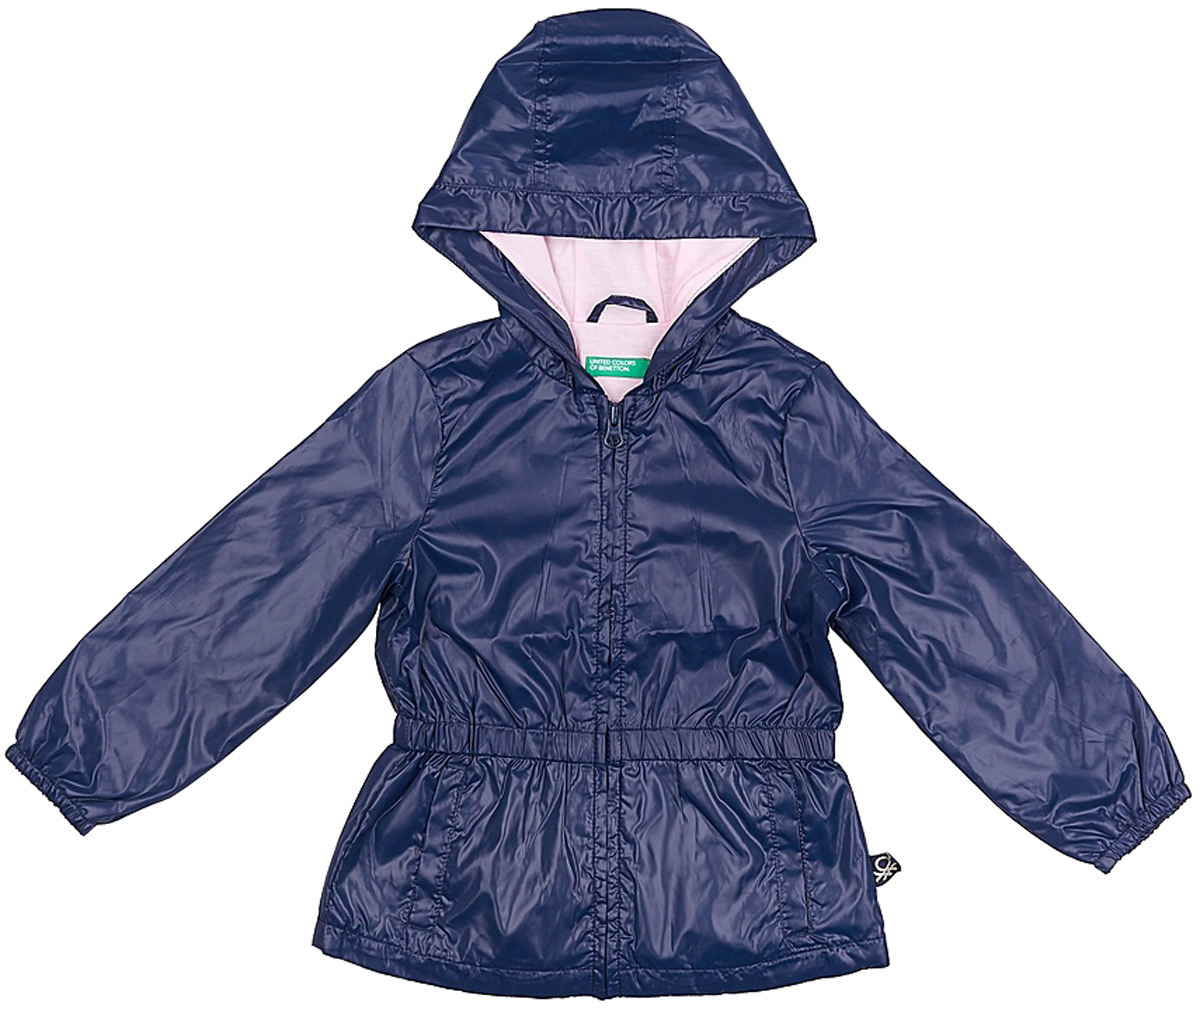 Куртка для девочек United Colors of Benetton, цвет: синий. 2EO053BX0_13C. Размер 1502EO053BX0_13CЛегкая куртка от United Colors of Benetton выполнена из высококачественного полиэстера на хлопковом подкладе. Модель с длинными рукавами и капюшоном застегивается на молнию, по бокам дополнена втачными карманами.